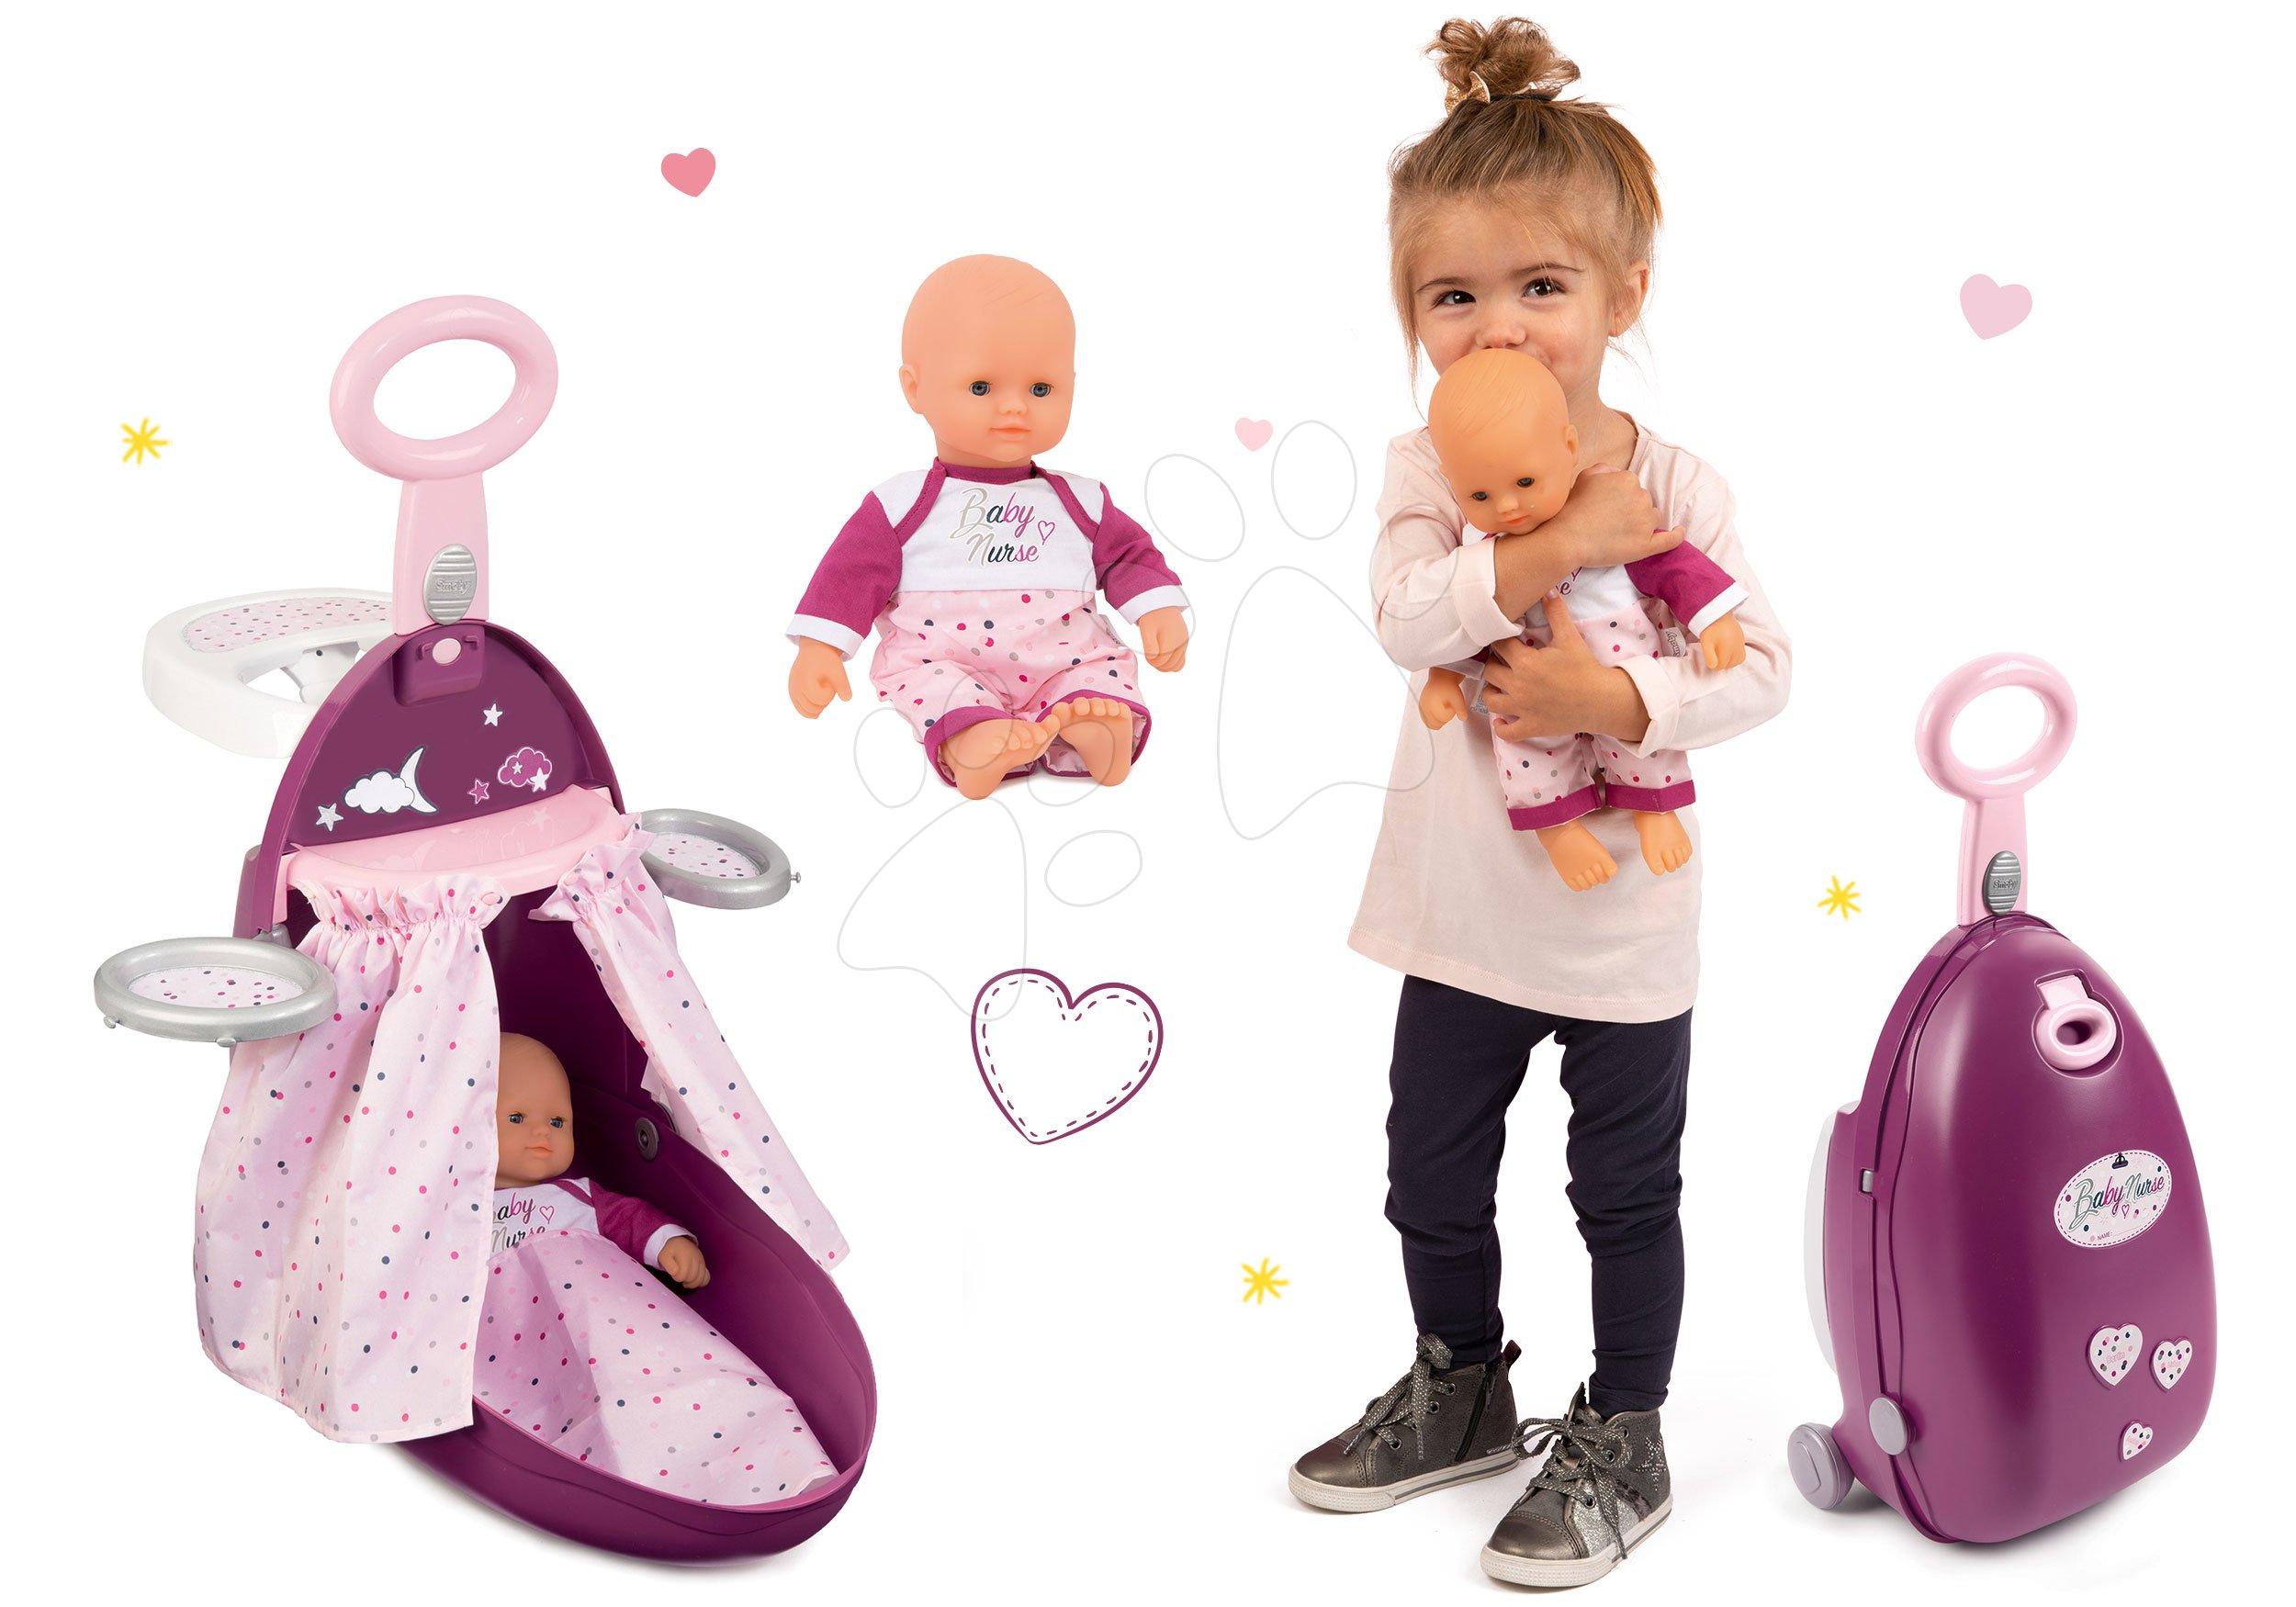 Set přebalovací vozík Baby Nurse Zlatá edice Smoby s postýlkou a panenka 32 cm od 18 měsíců